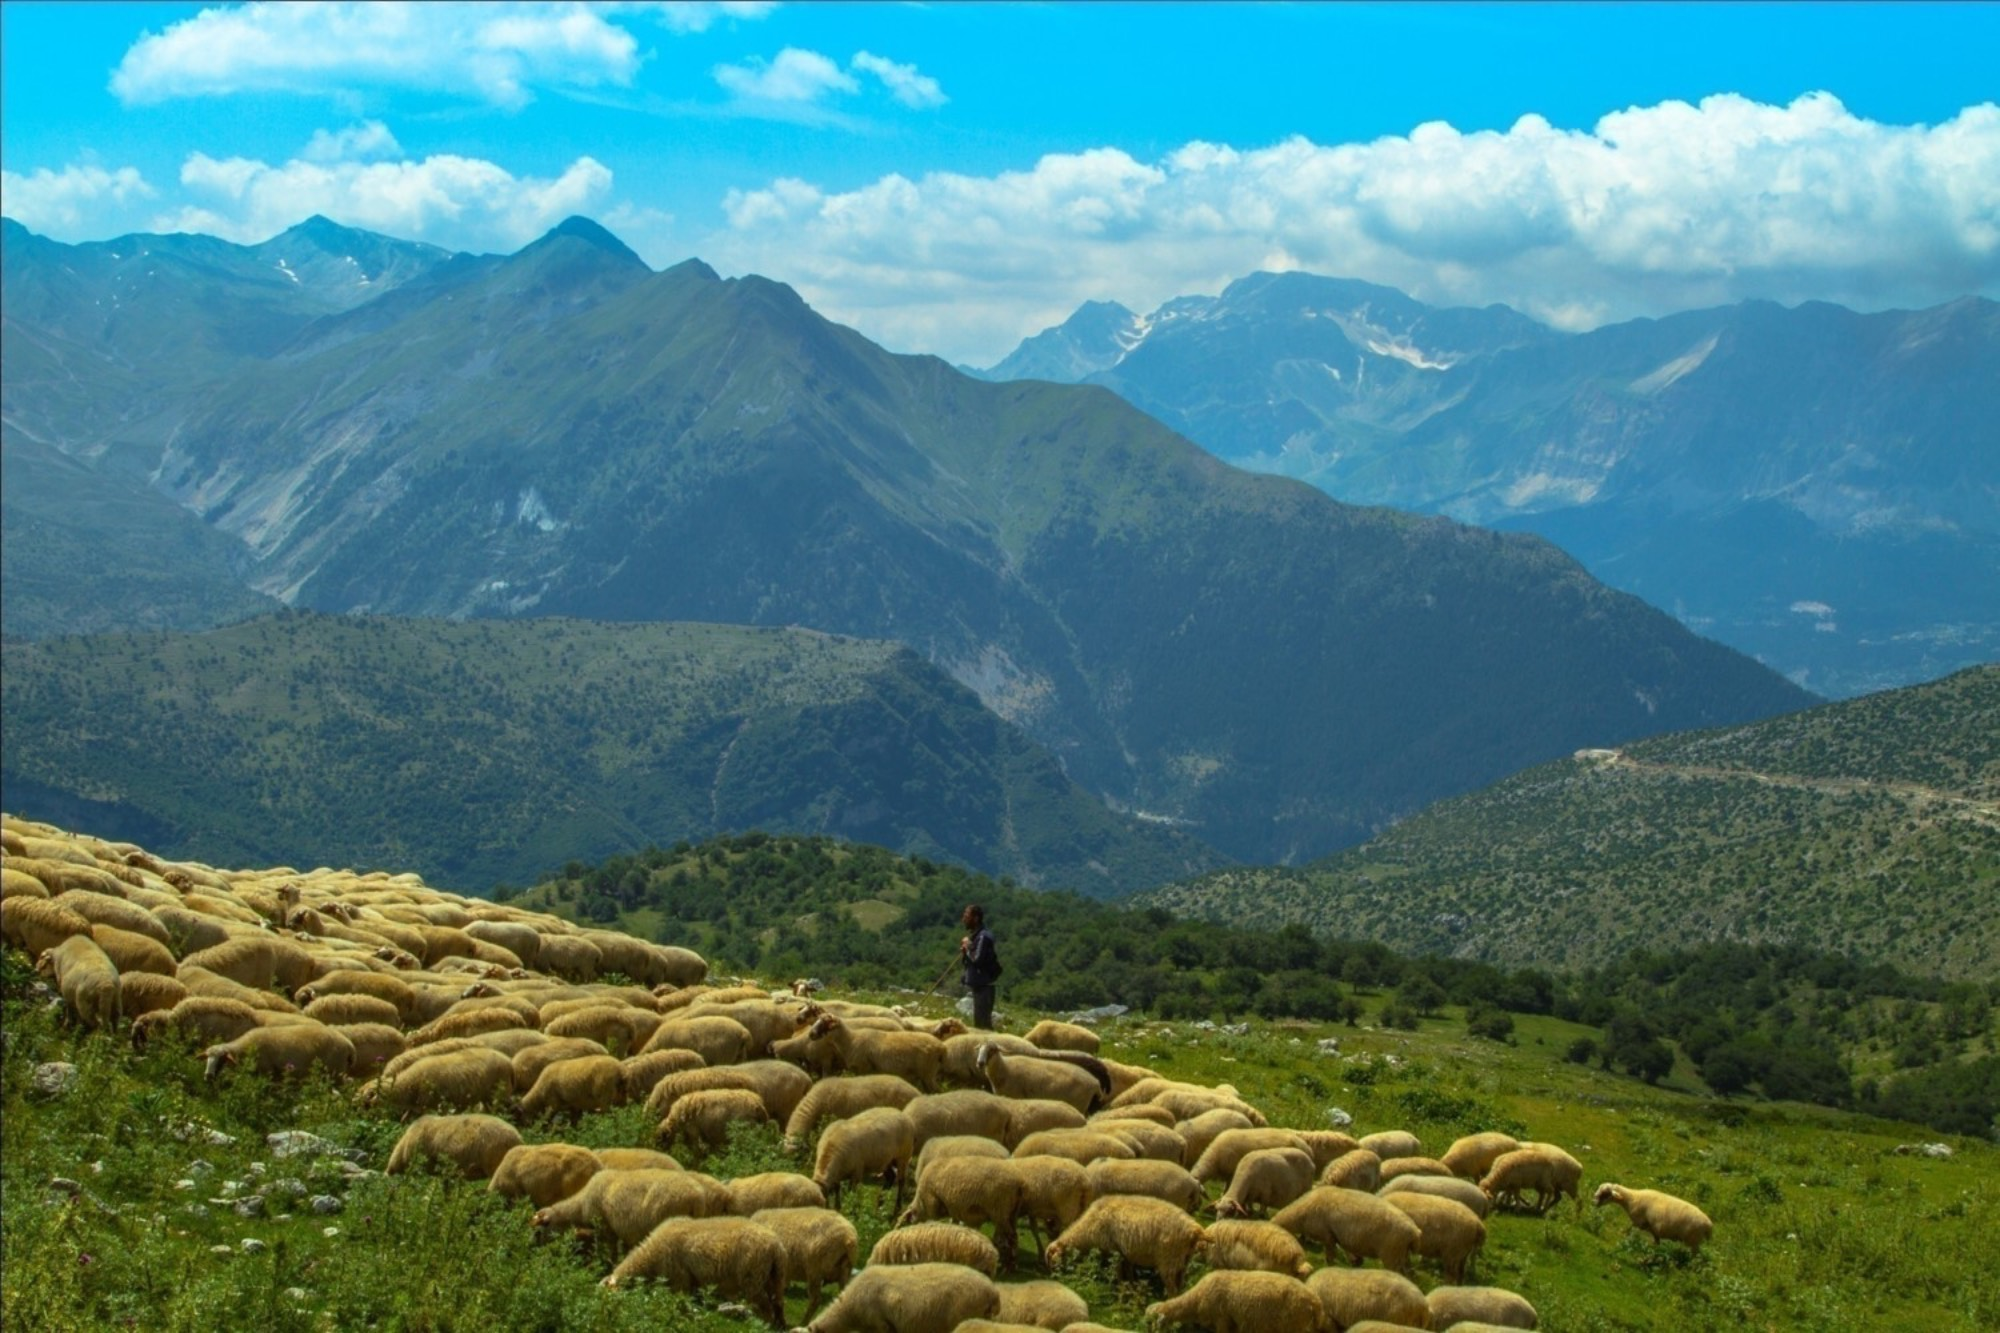 Μεσαιωνικές μορφές Οικονομίας και Παραγωγής στον ορεινό χώρο, και διδάγματα για το μέλλον